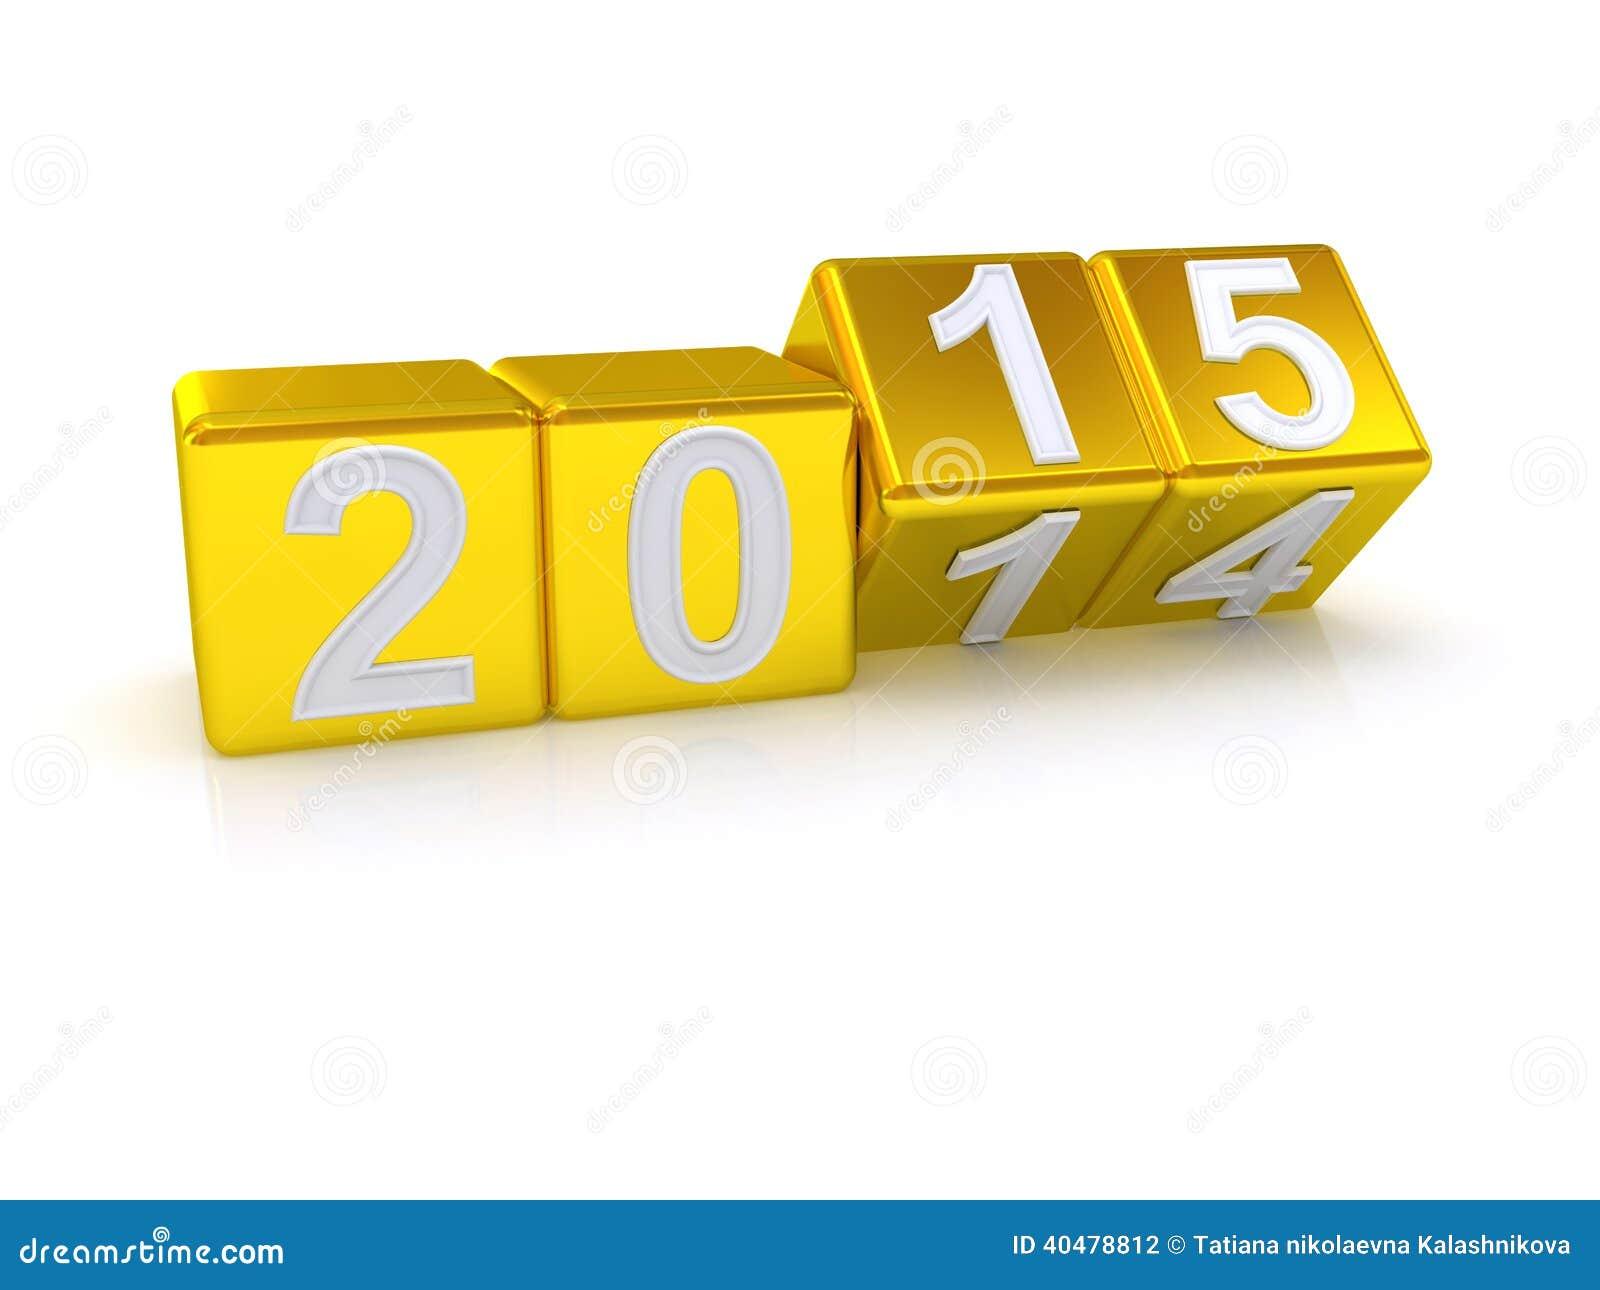 Guten Rutsch ins Neue Jahr 2015.